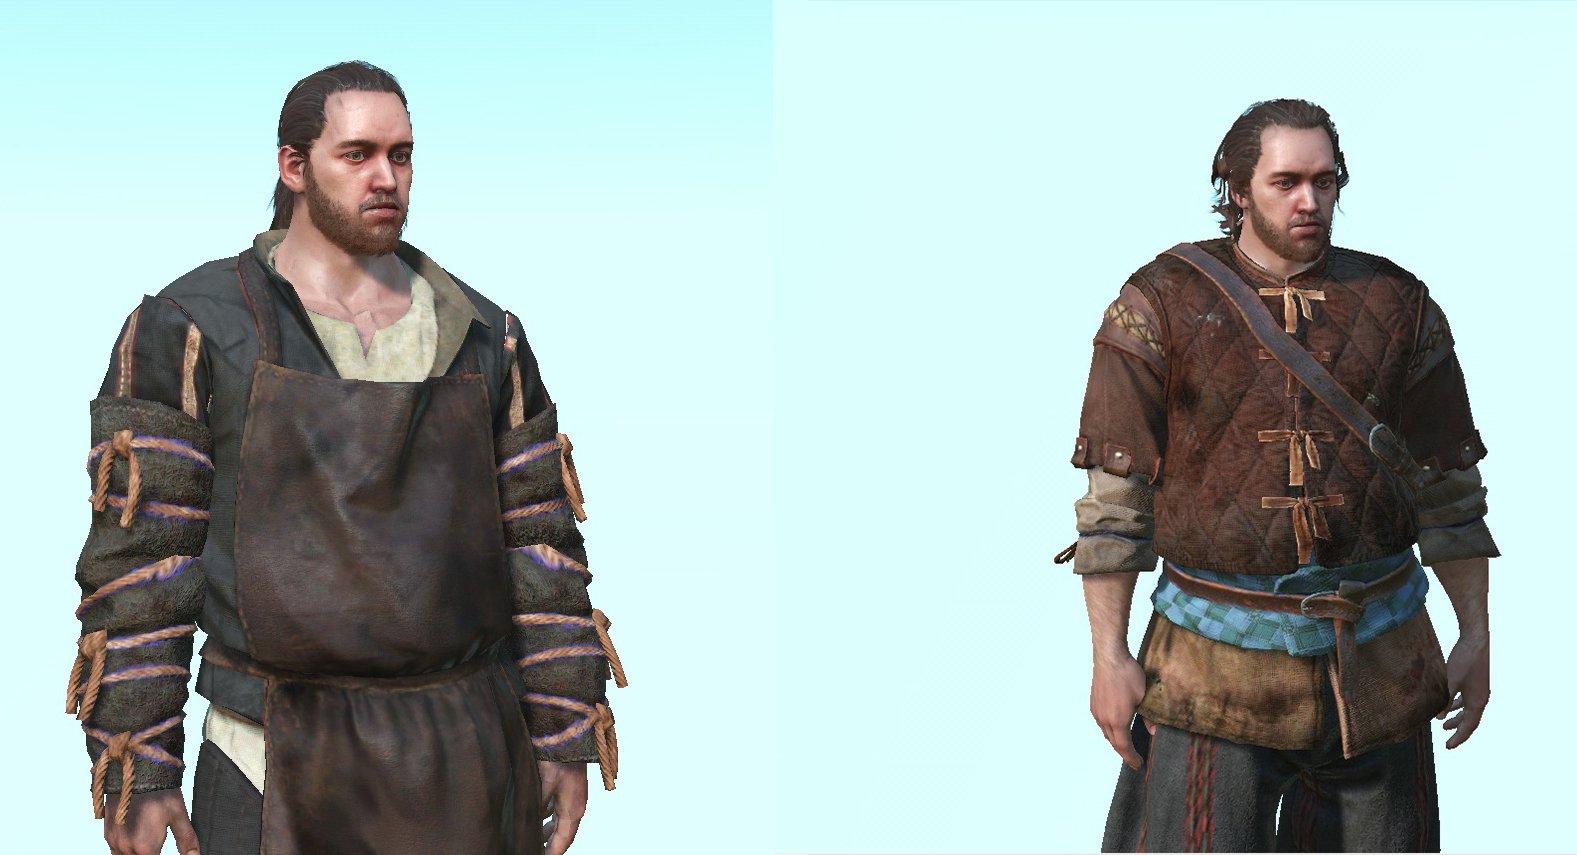 Геймер с мигренями стал персонажем «Ведьмака 3»   Фанат «Ведьмака», страдающий хроническими мигренями, стал персонаж ... - Изображение 2